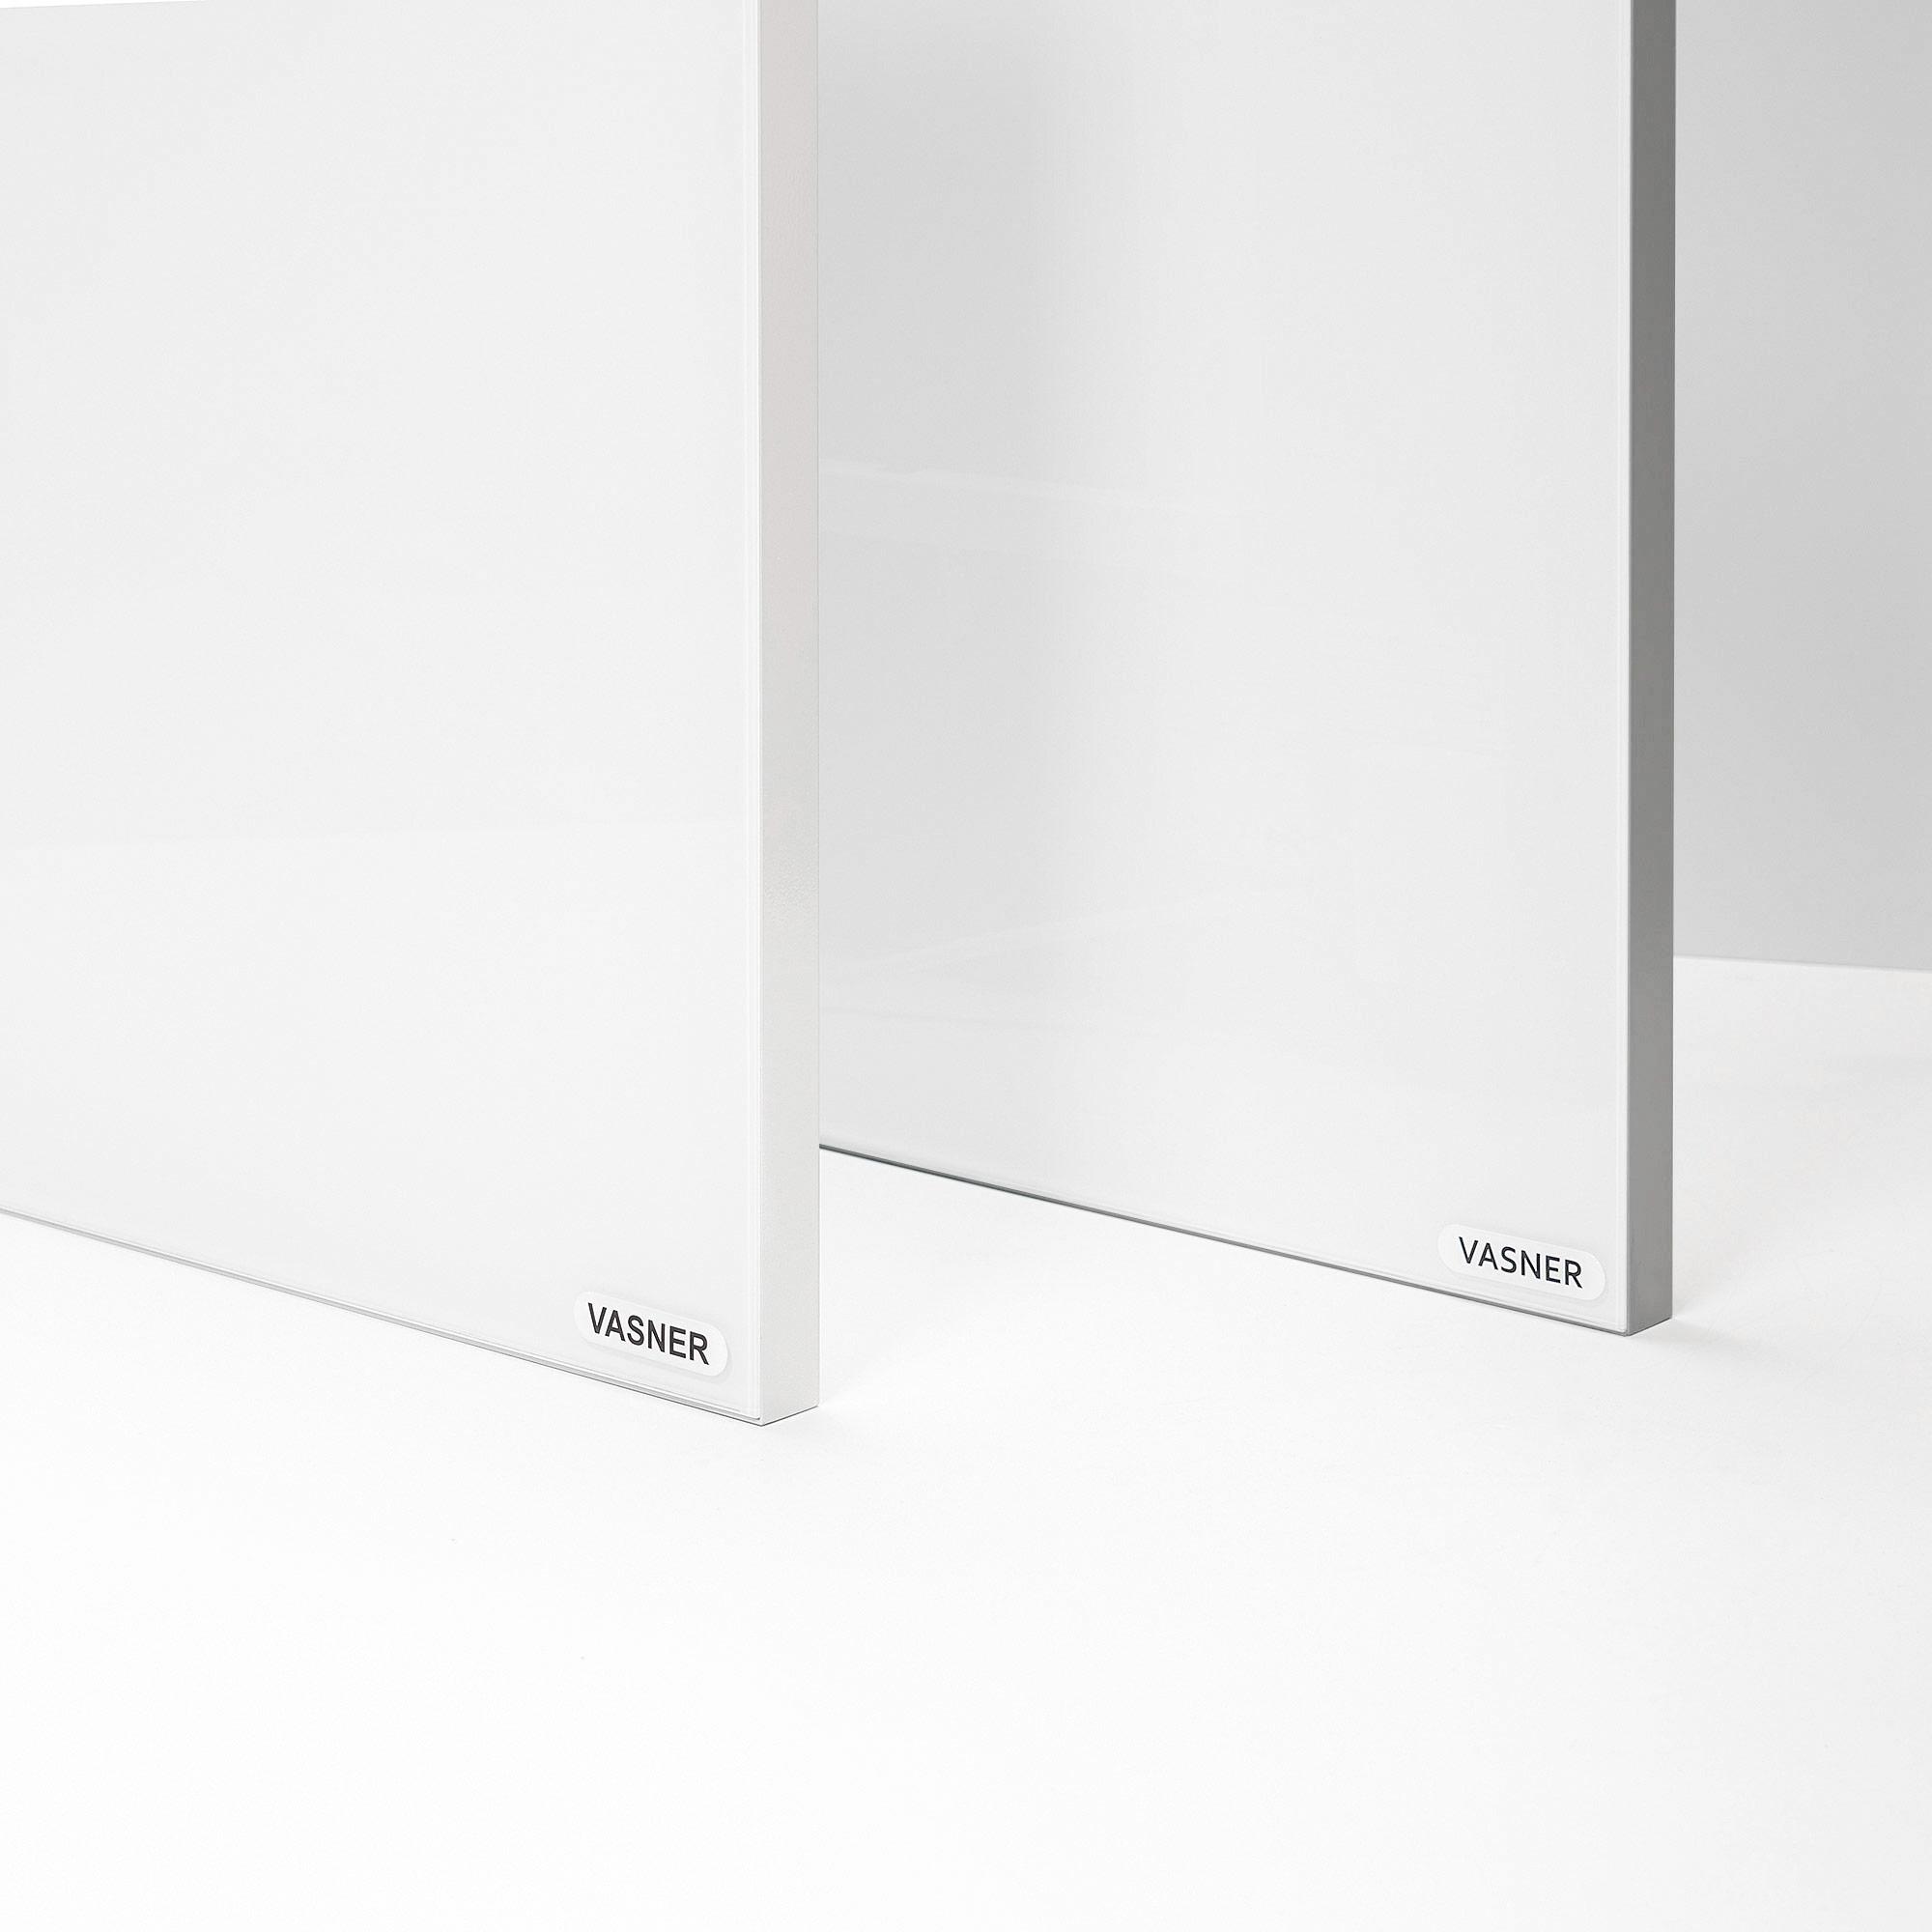 Glaspanel mit Rahmen in Weiß oder Grau